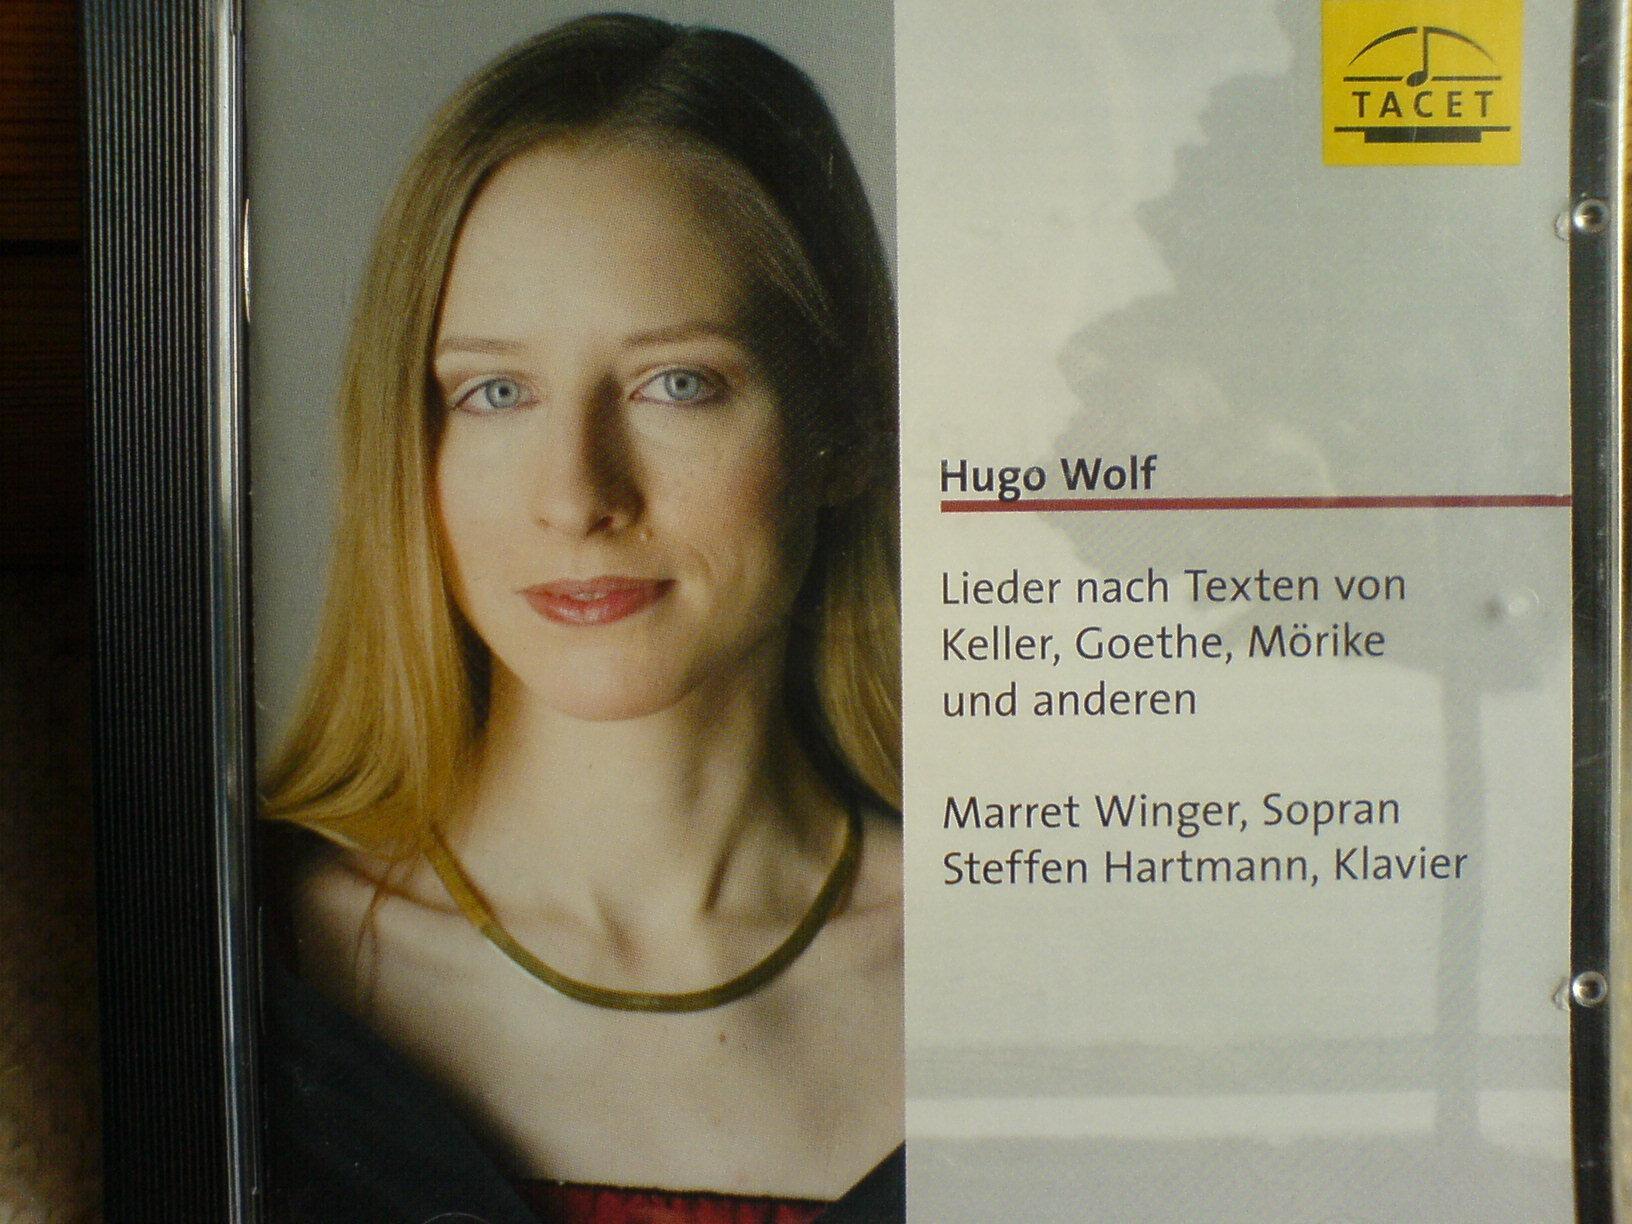 Meine Debut-CD bei TACET mit Liedern von Hugo Wolf entstand in Andenken an Elisabeth Schwarzkopf, die sich während ihrer langen Gesangslaufbahn unermüdlich für den Komponisten eingesetzt hat.